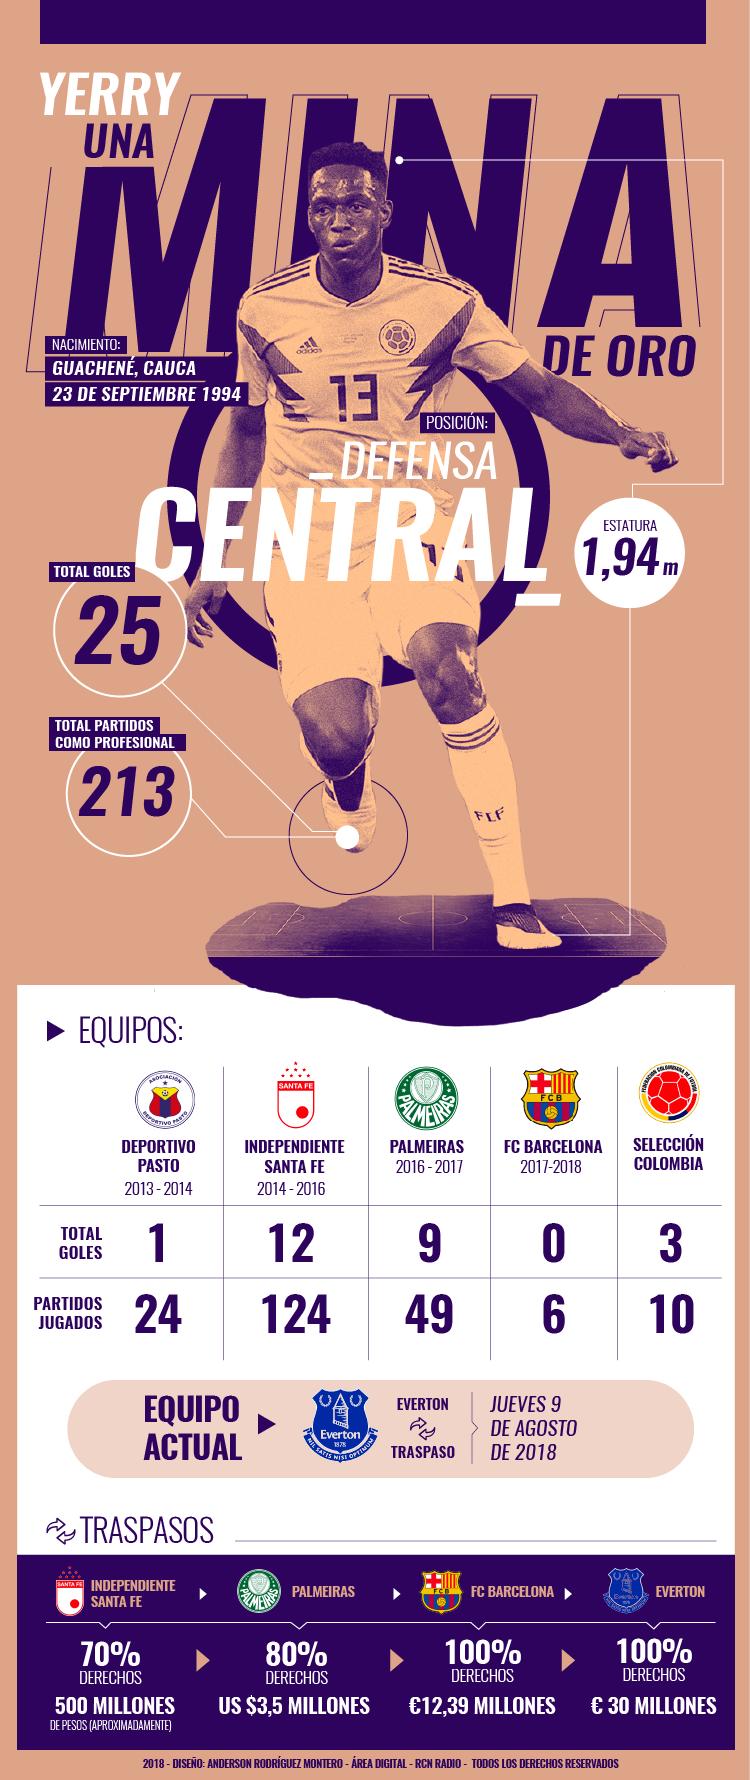 Yerry Min y sus números antes de llegar al Everton de la Premier League